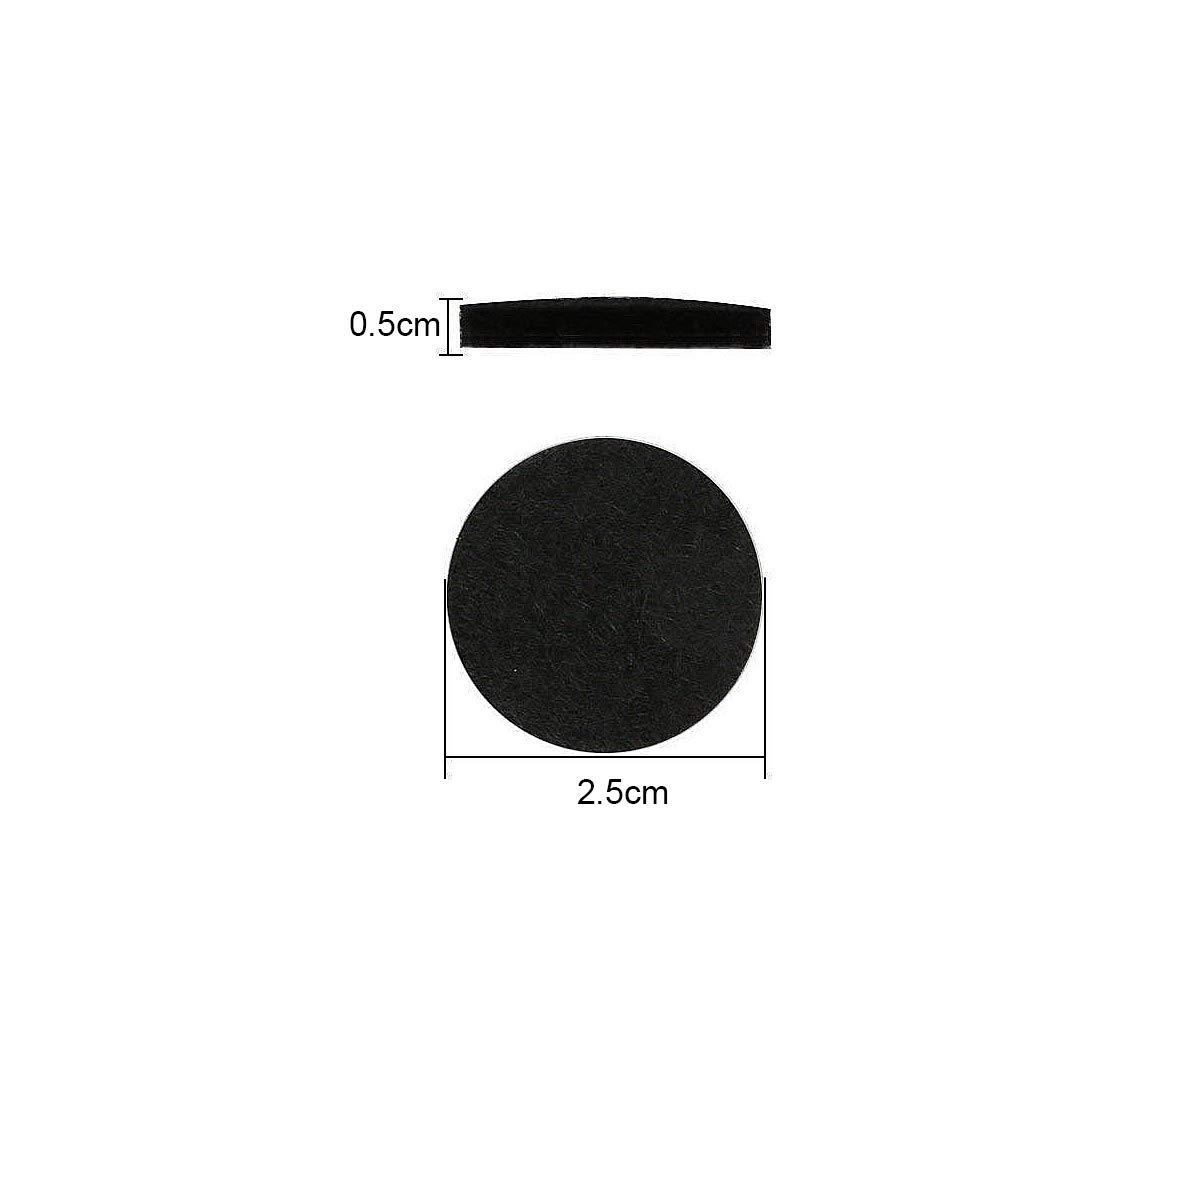 Fieltro Protecci/ón para Patas de Mesa y Sillas y Muebles 50Pcs 30mm Redondo Almohadillas para Muebles y Sillas Negro Almohadillas Protectores de Fieltro Autoadhesivas